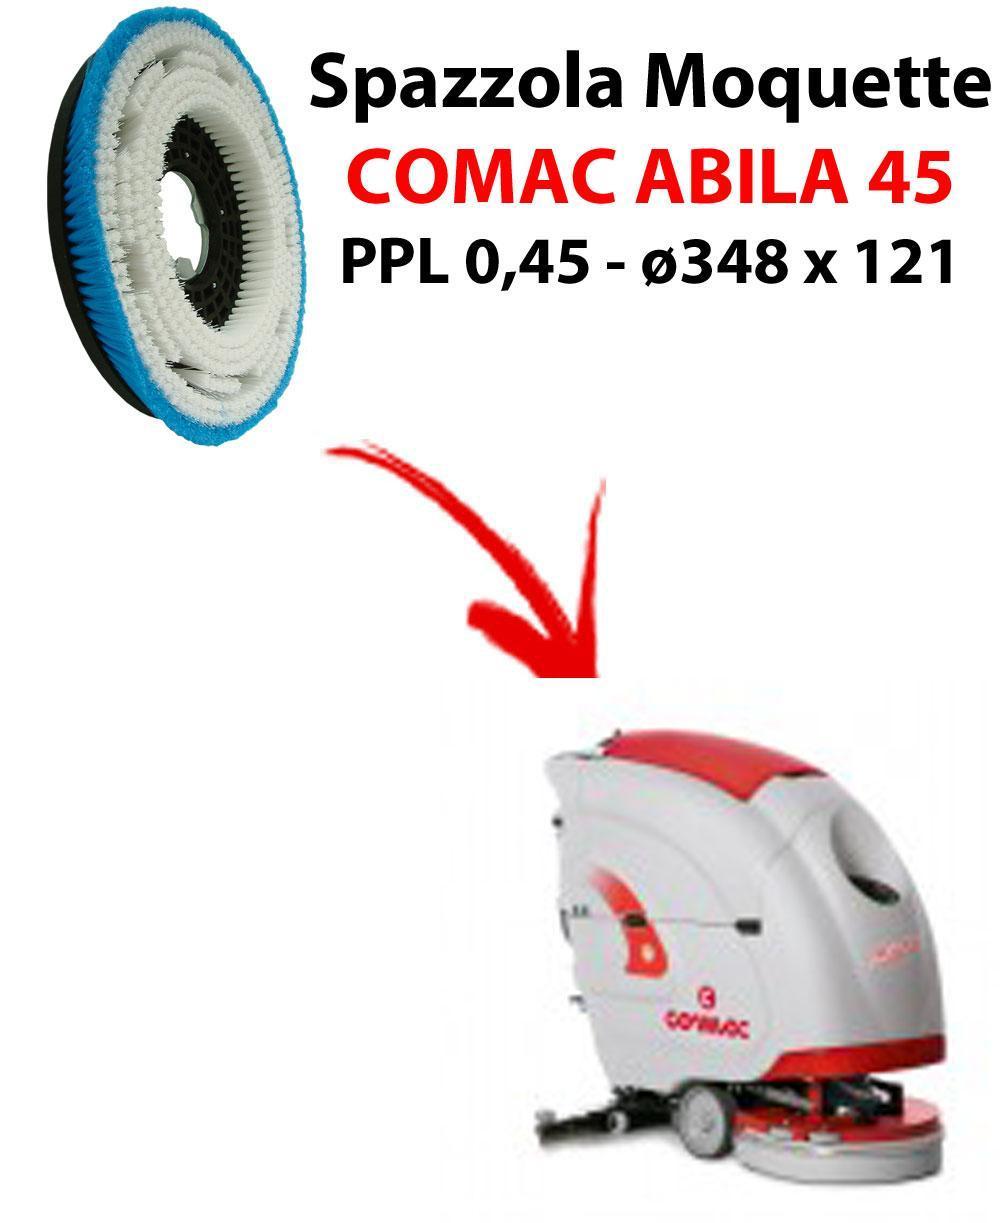 ABILA 45 Bürsten moquette für scheuersaugmaschinen COMAC